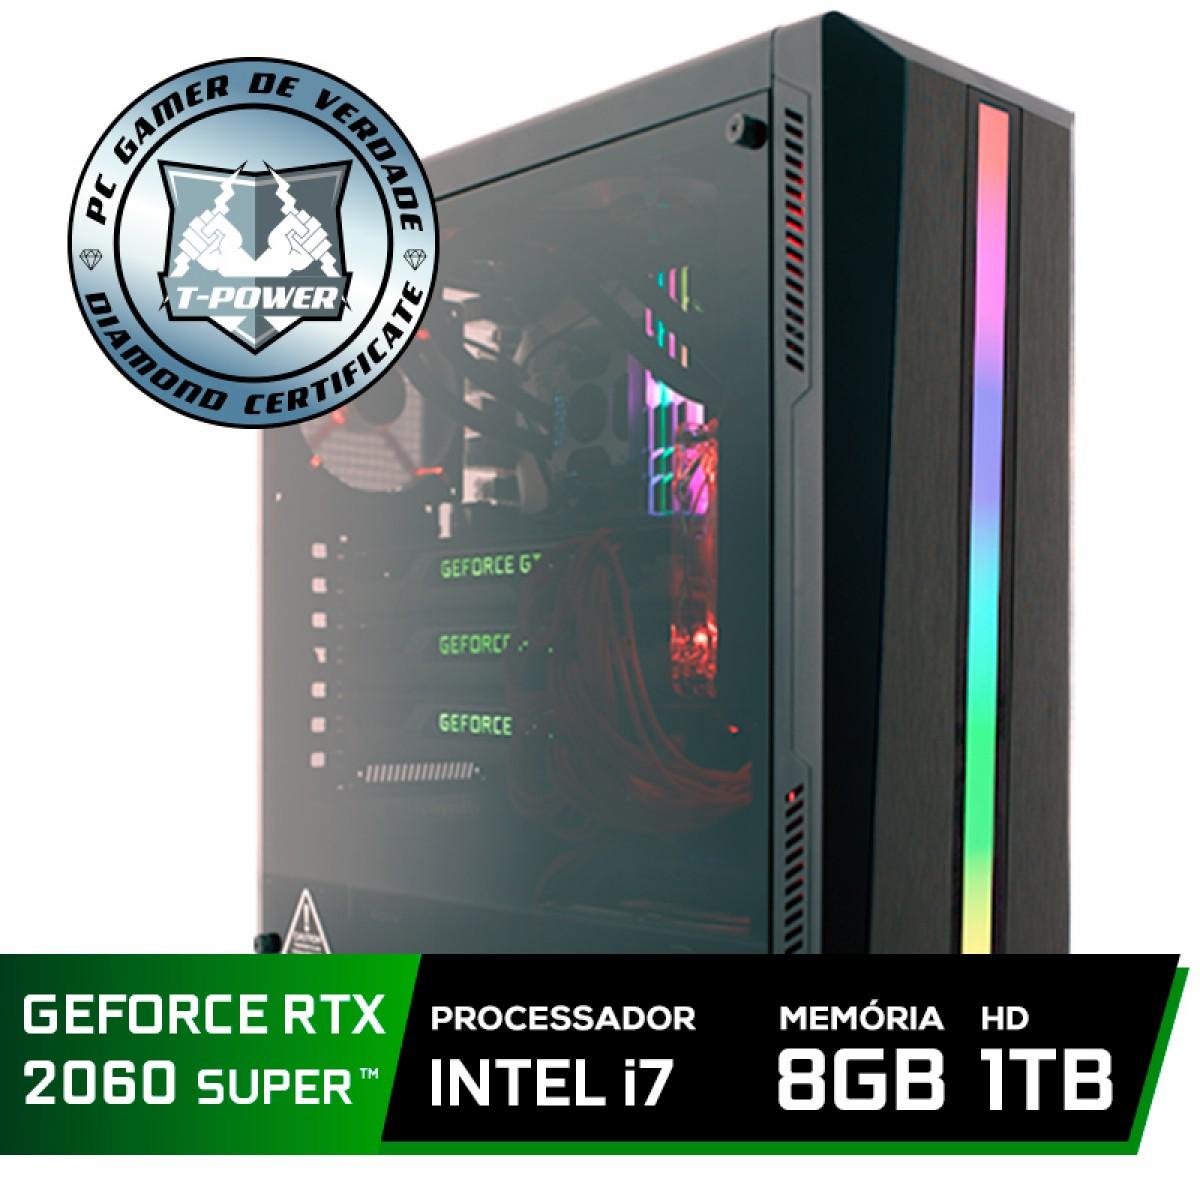 Pc Gamer Super Tera Edition Intel i7 9700K / Geforce RTX 2060 Super / DDR4 8GB / HD 1TB / 600W